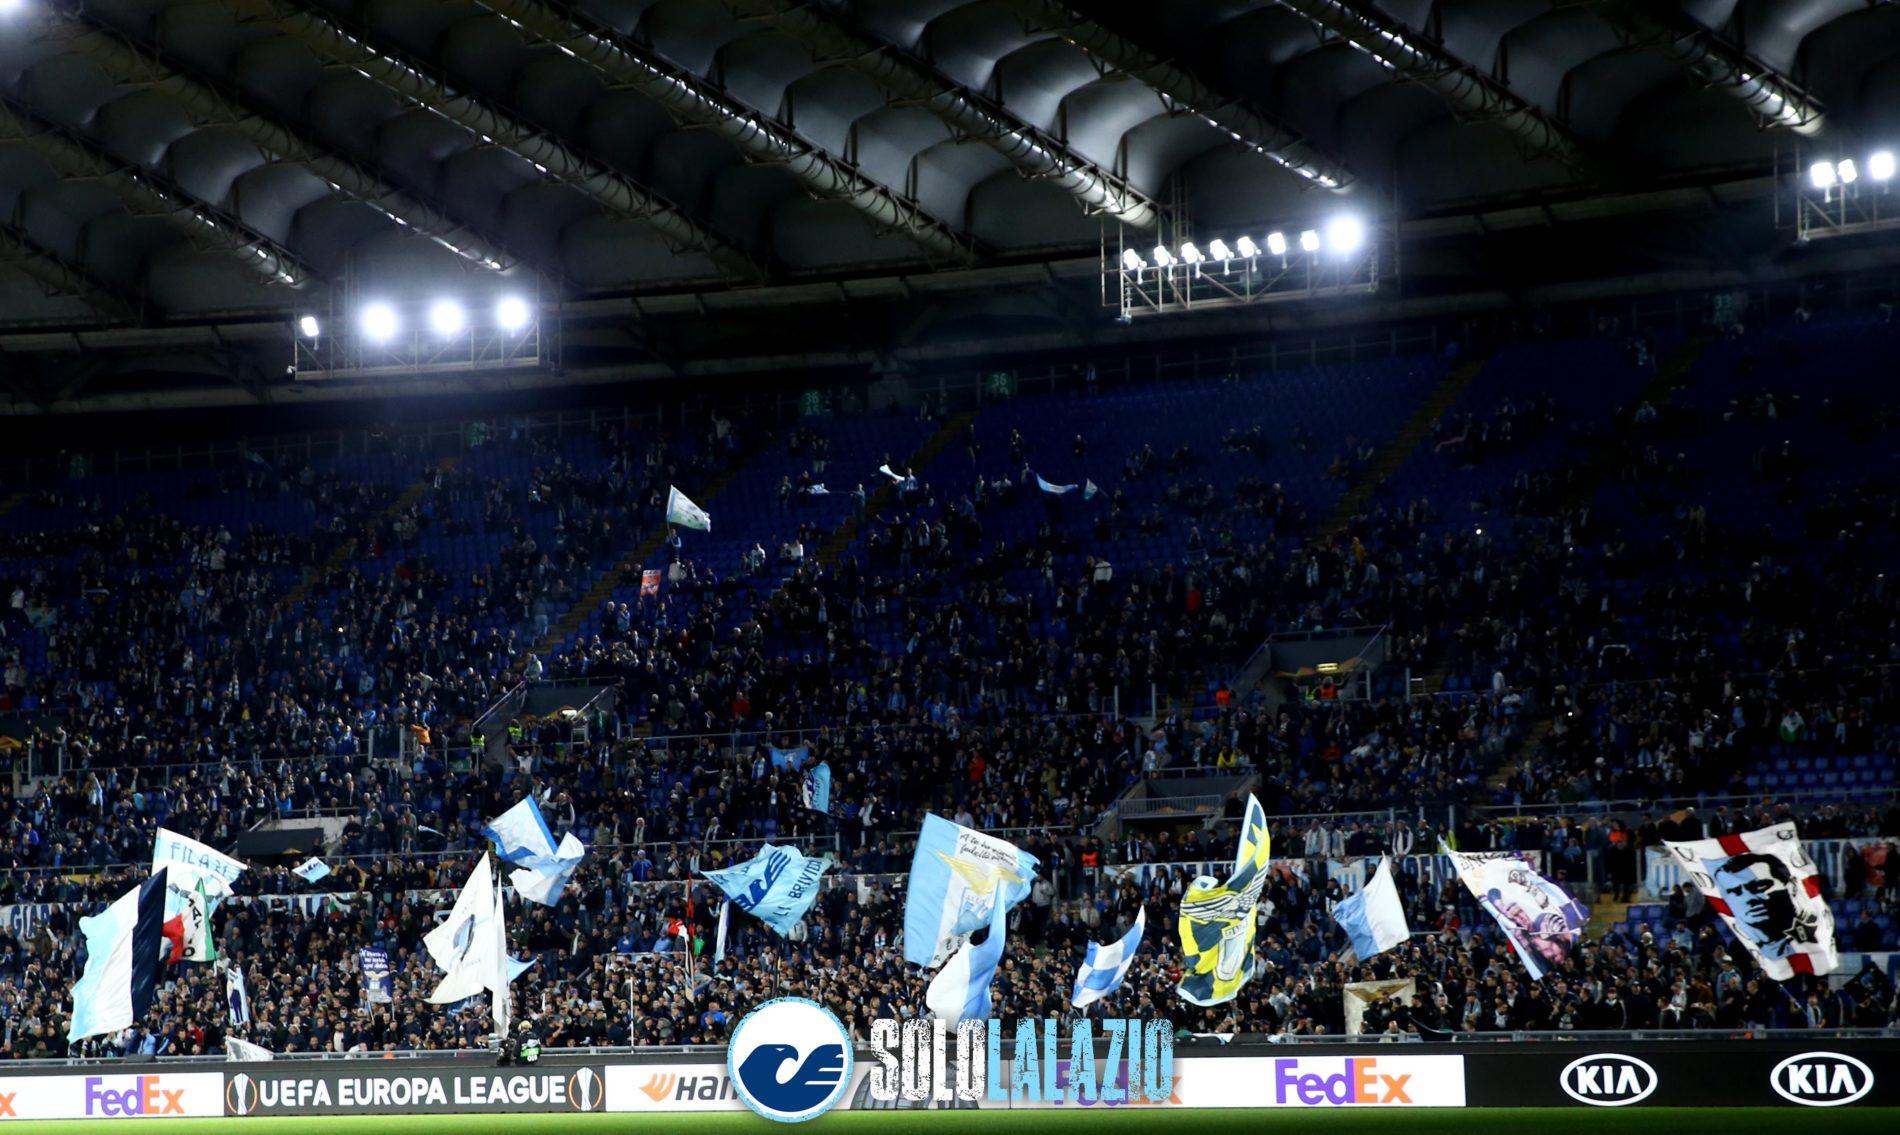 La protesta dei tifosi rossoblù in vista di Genoa - Lazio